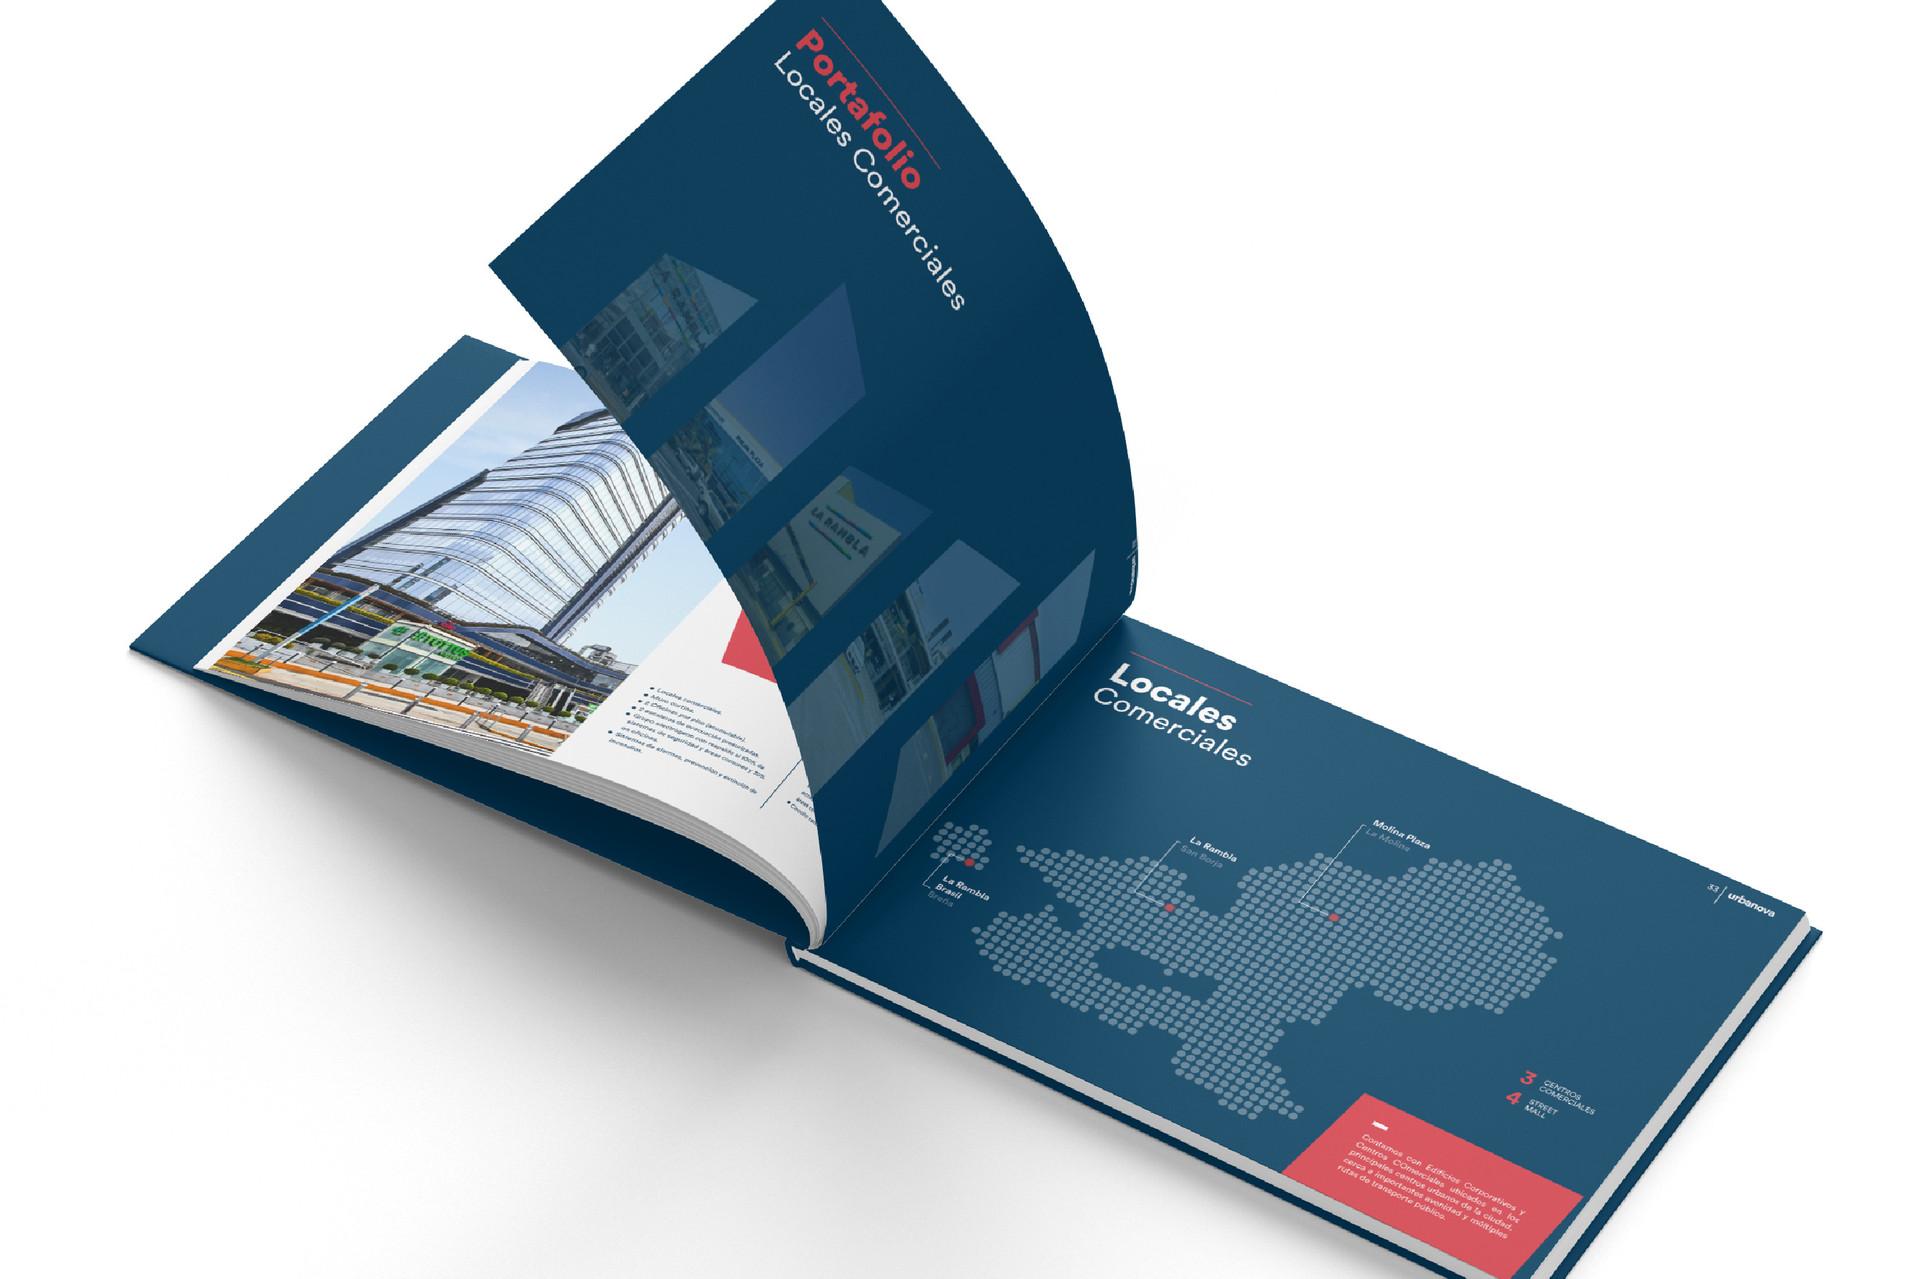 PORTAFOLIO GRAFICO_brochure-04.jpg